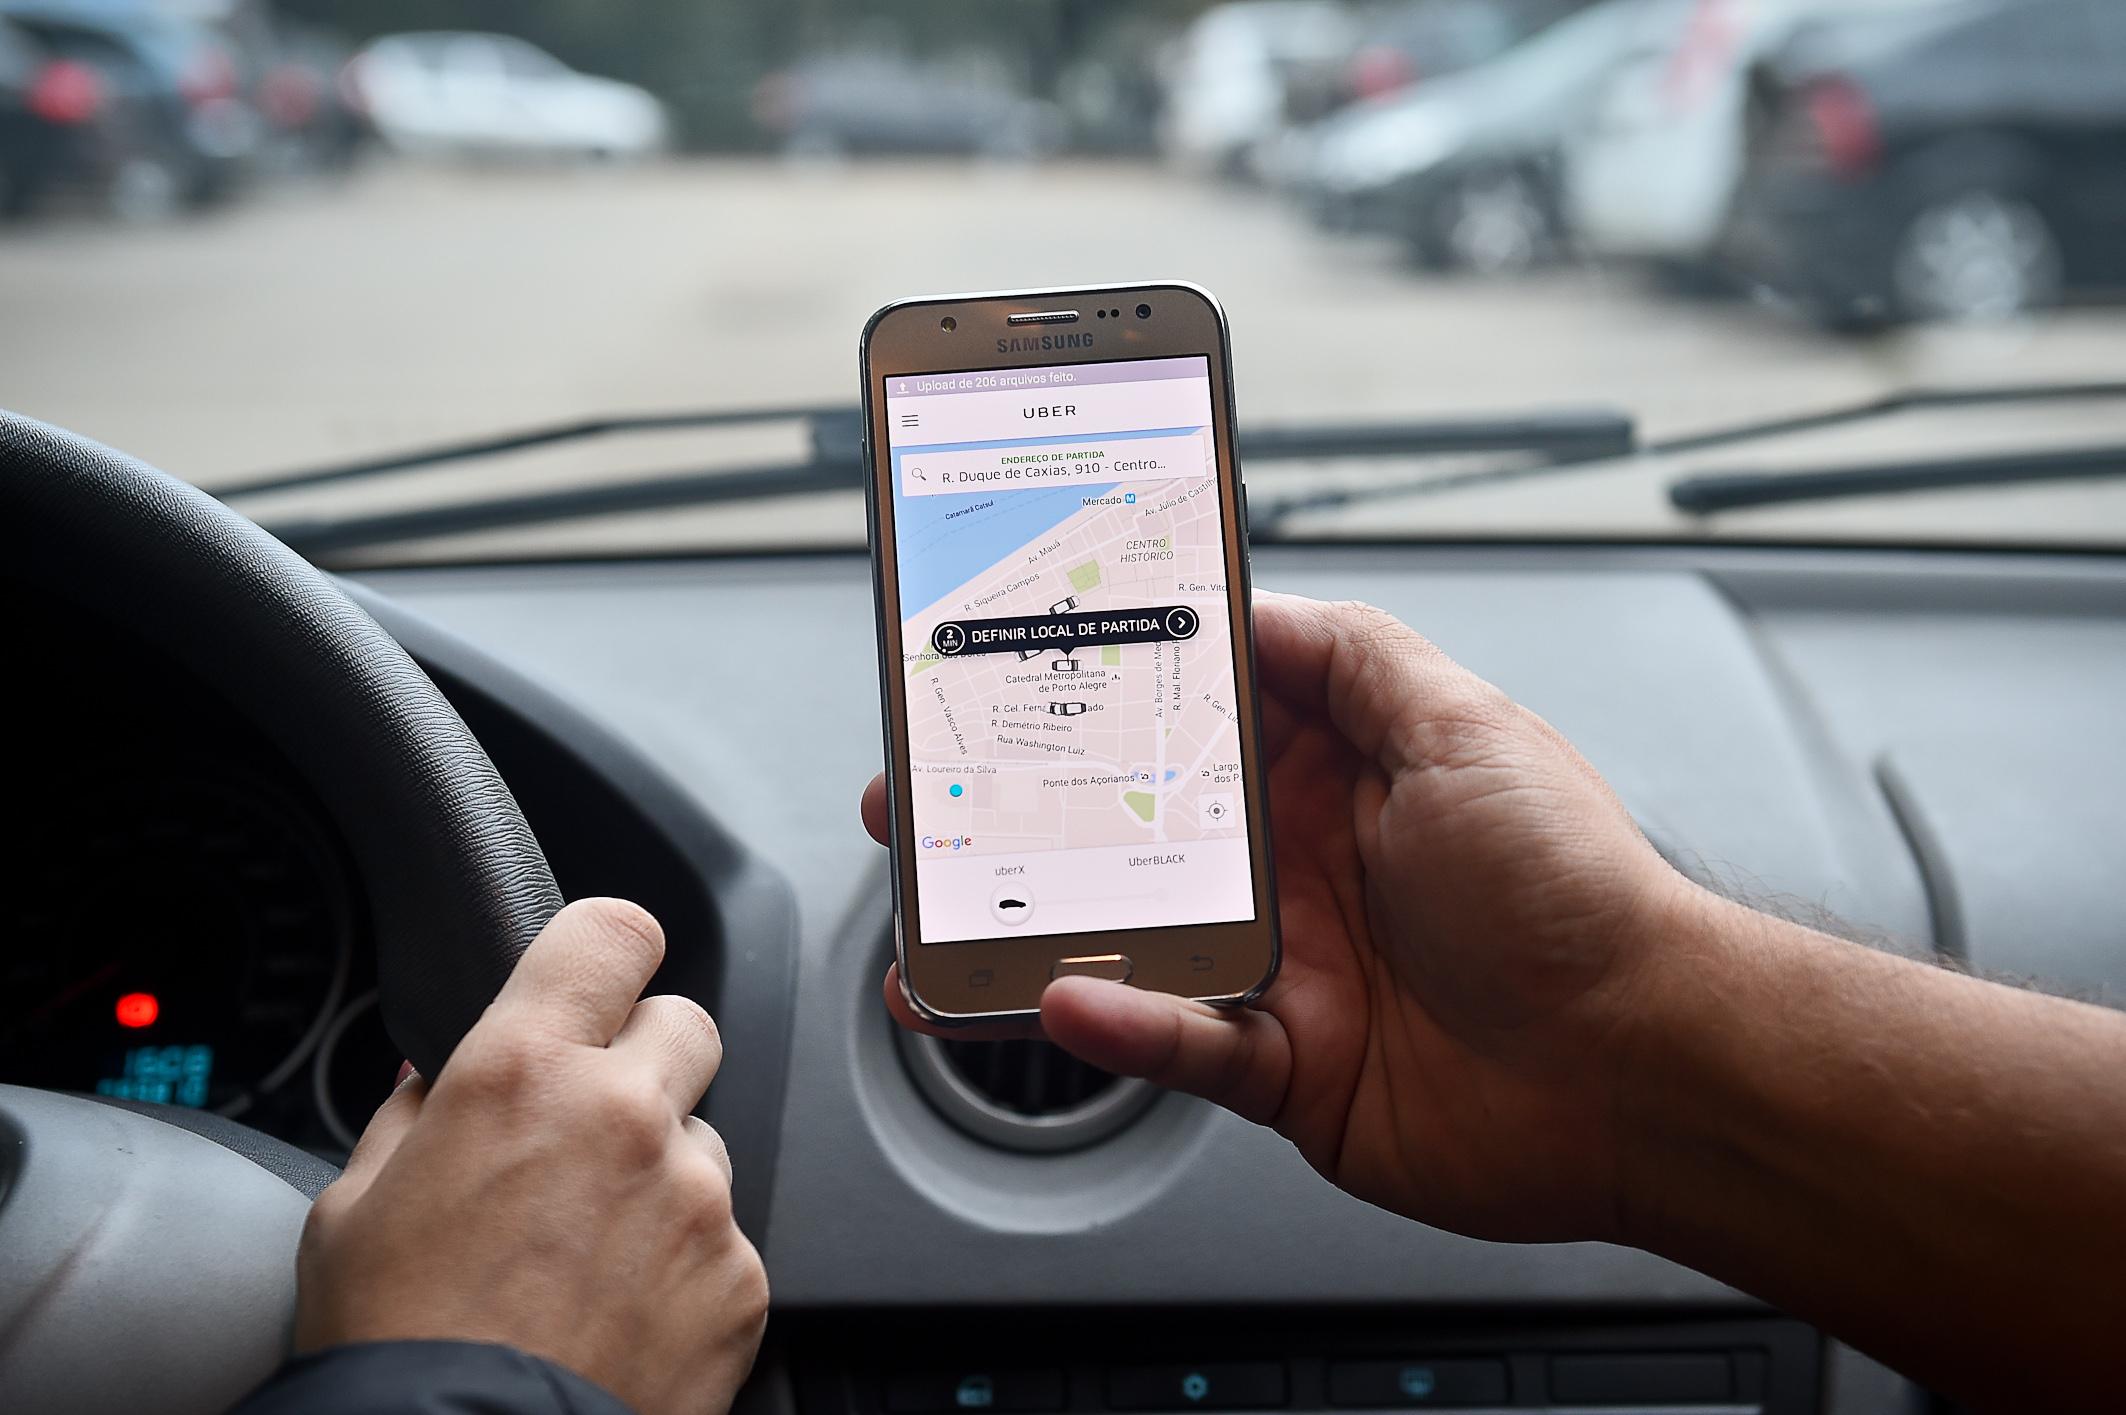 Vereador Marlon Luz mobiliza reunião com aplicativos Uber e 99